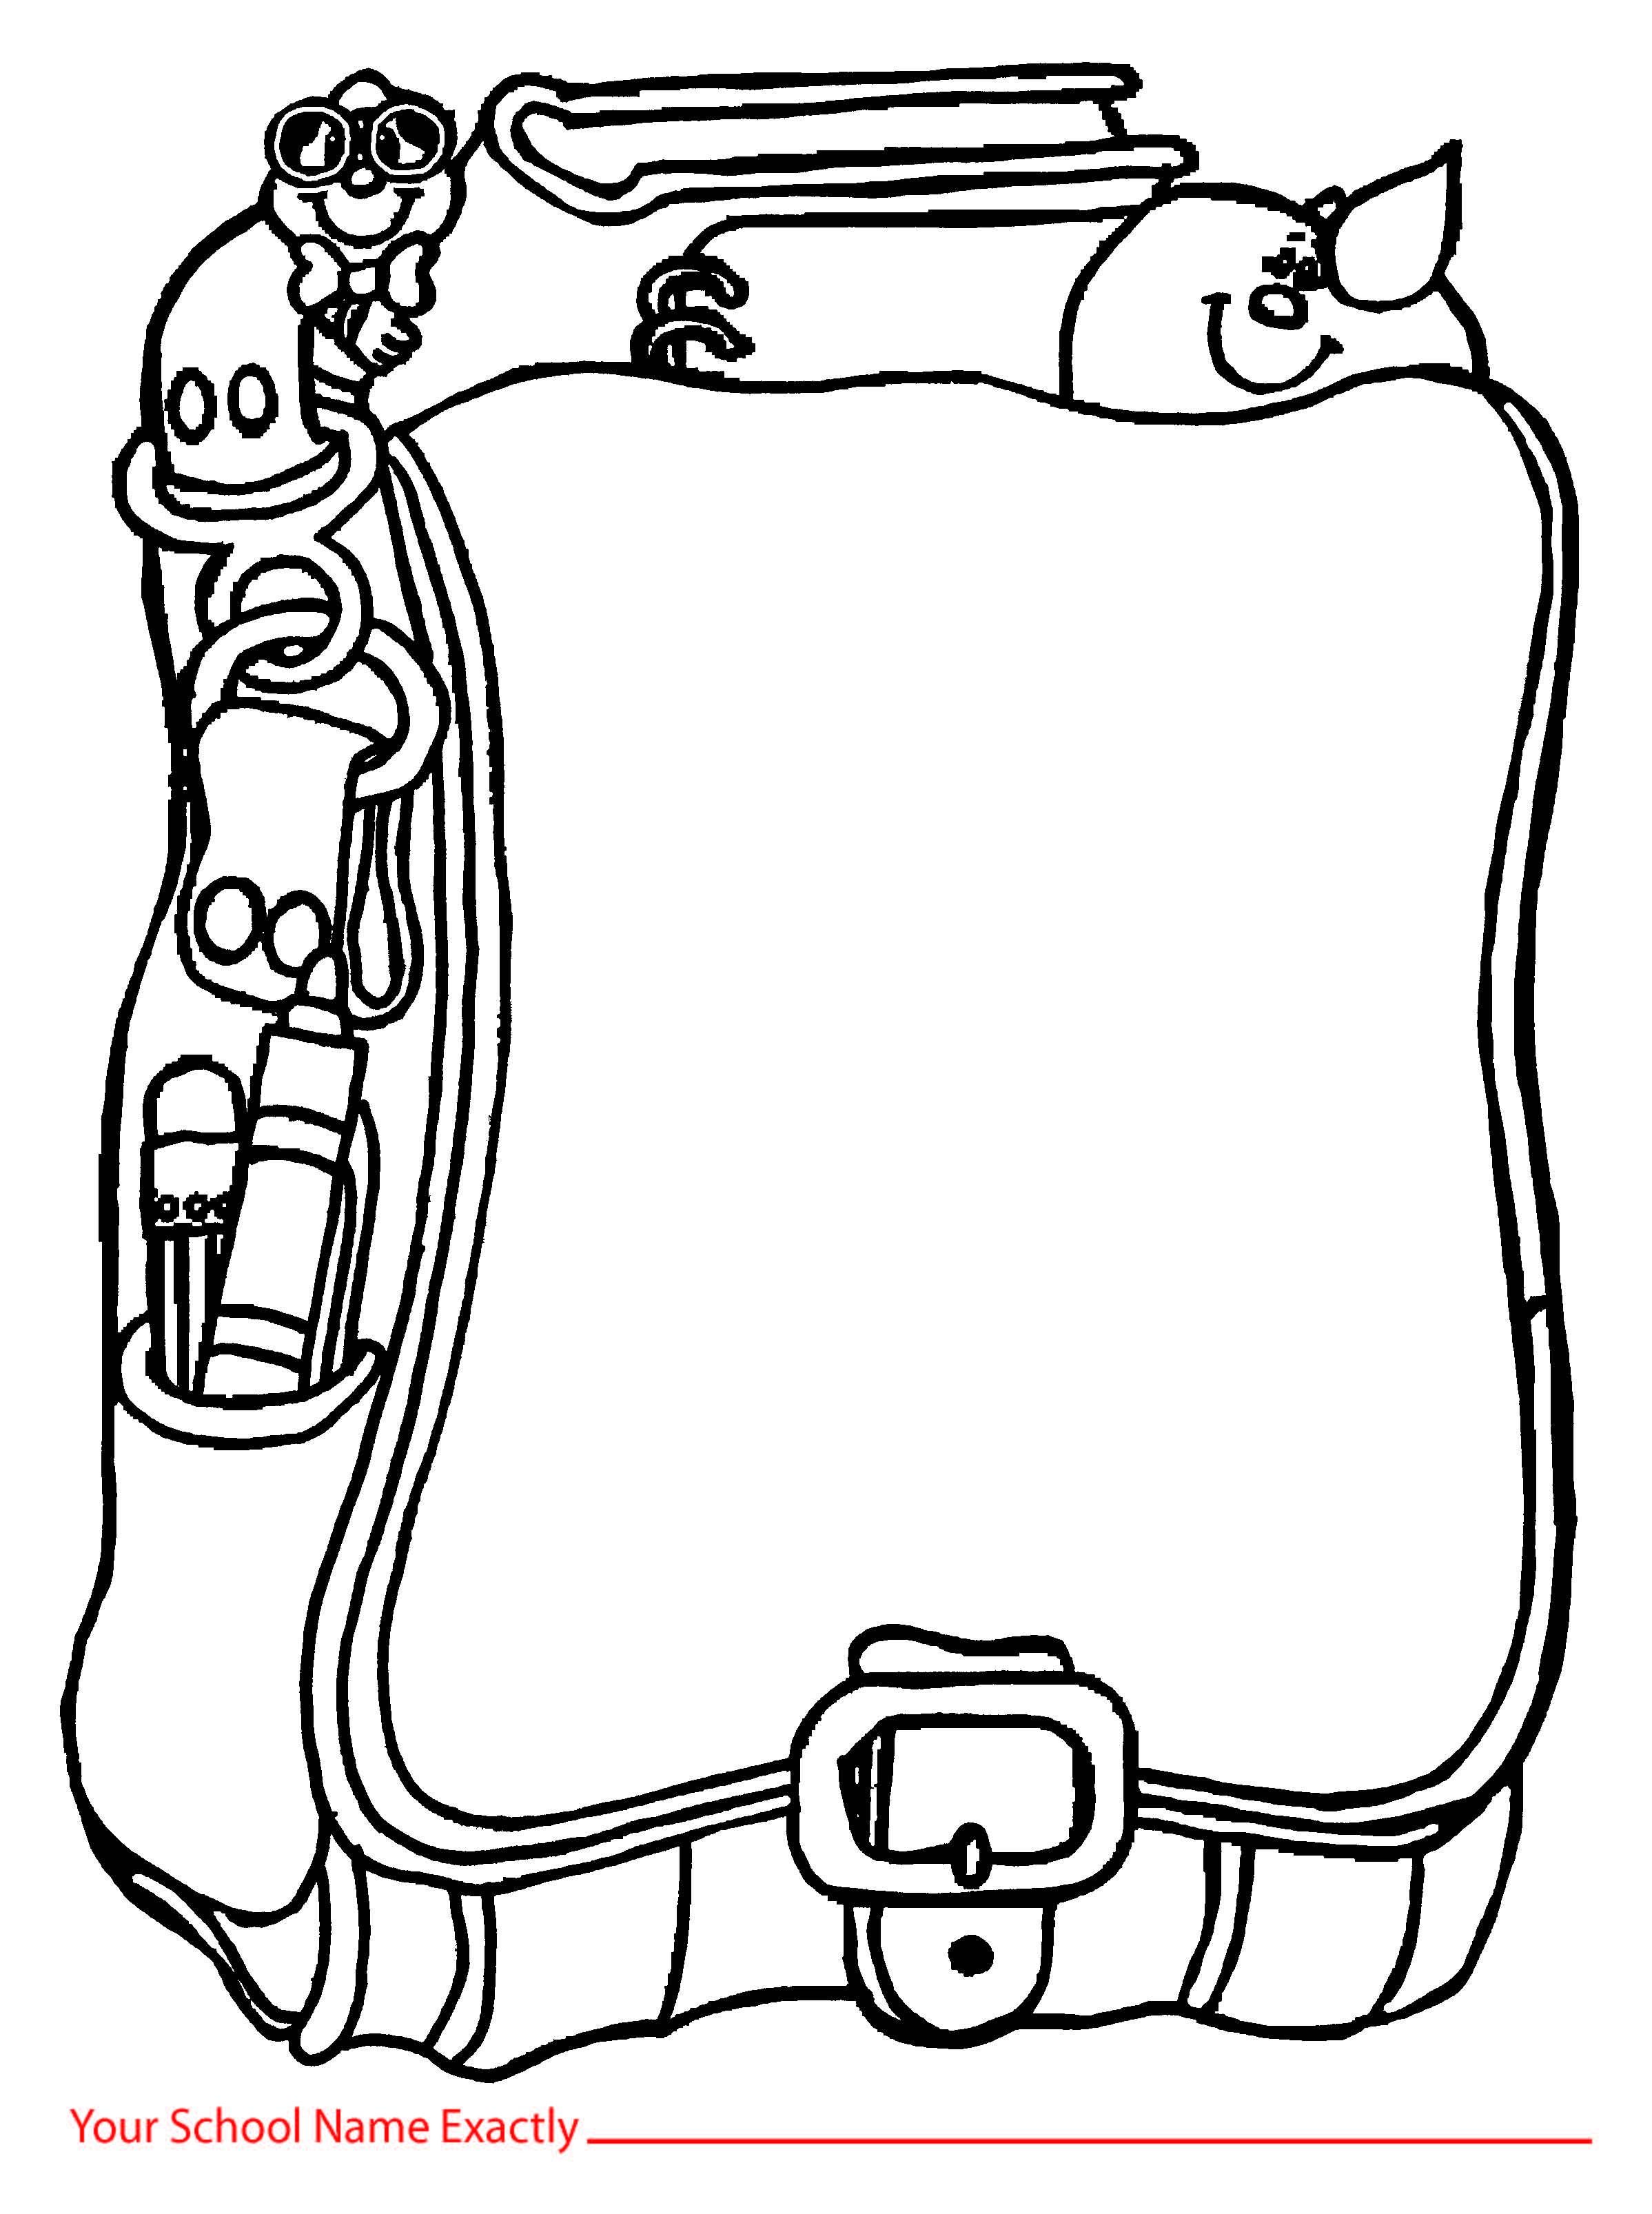 Backpack Clipart Outline Backpack Outline Transparent